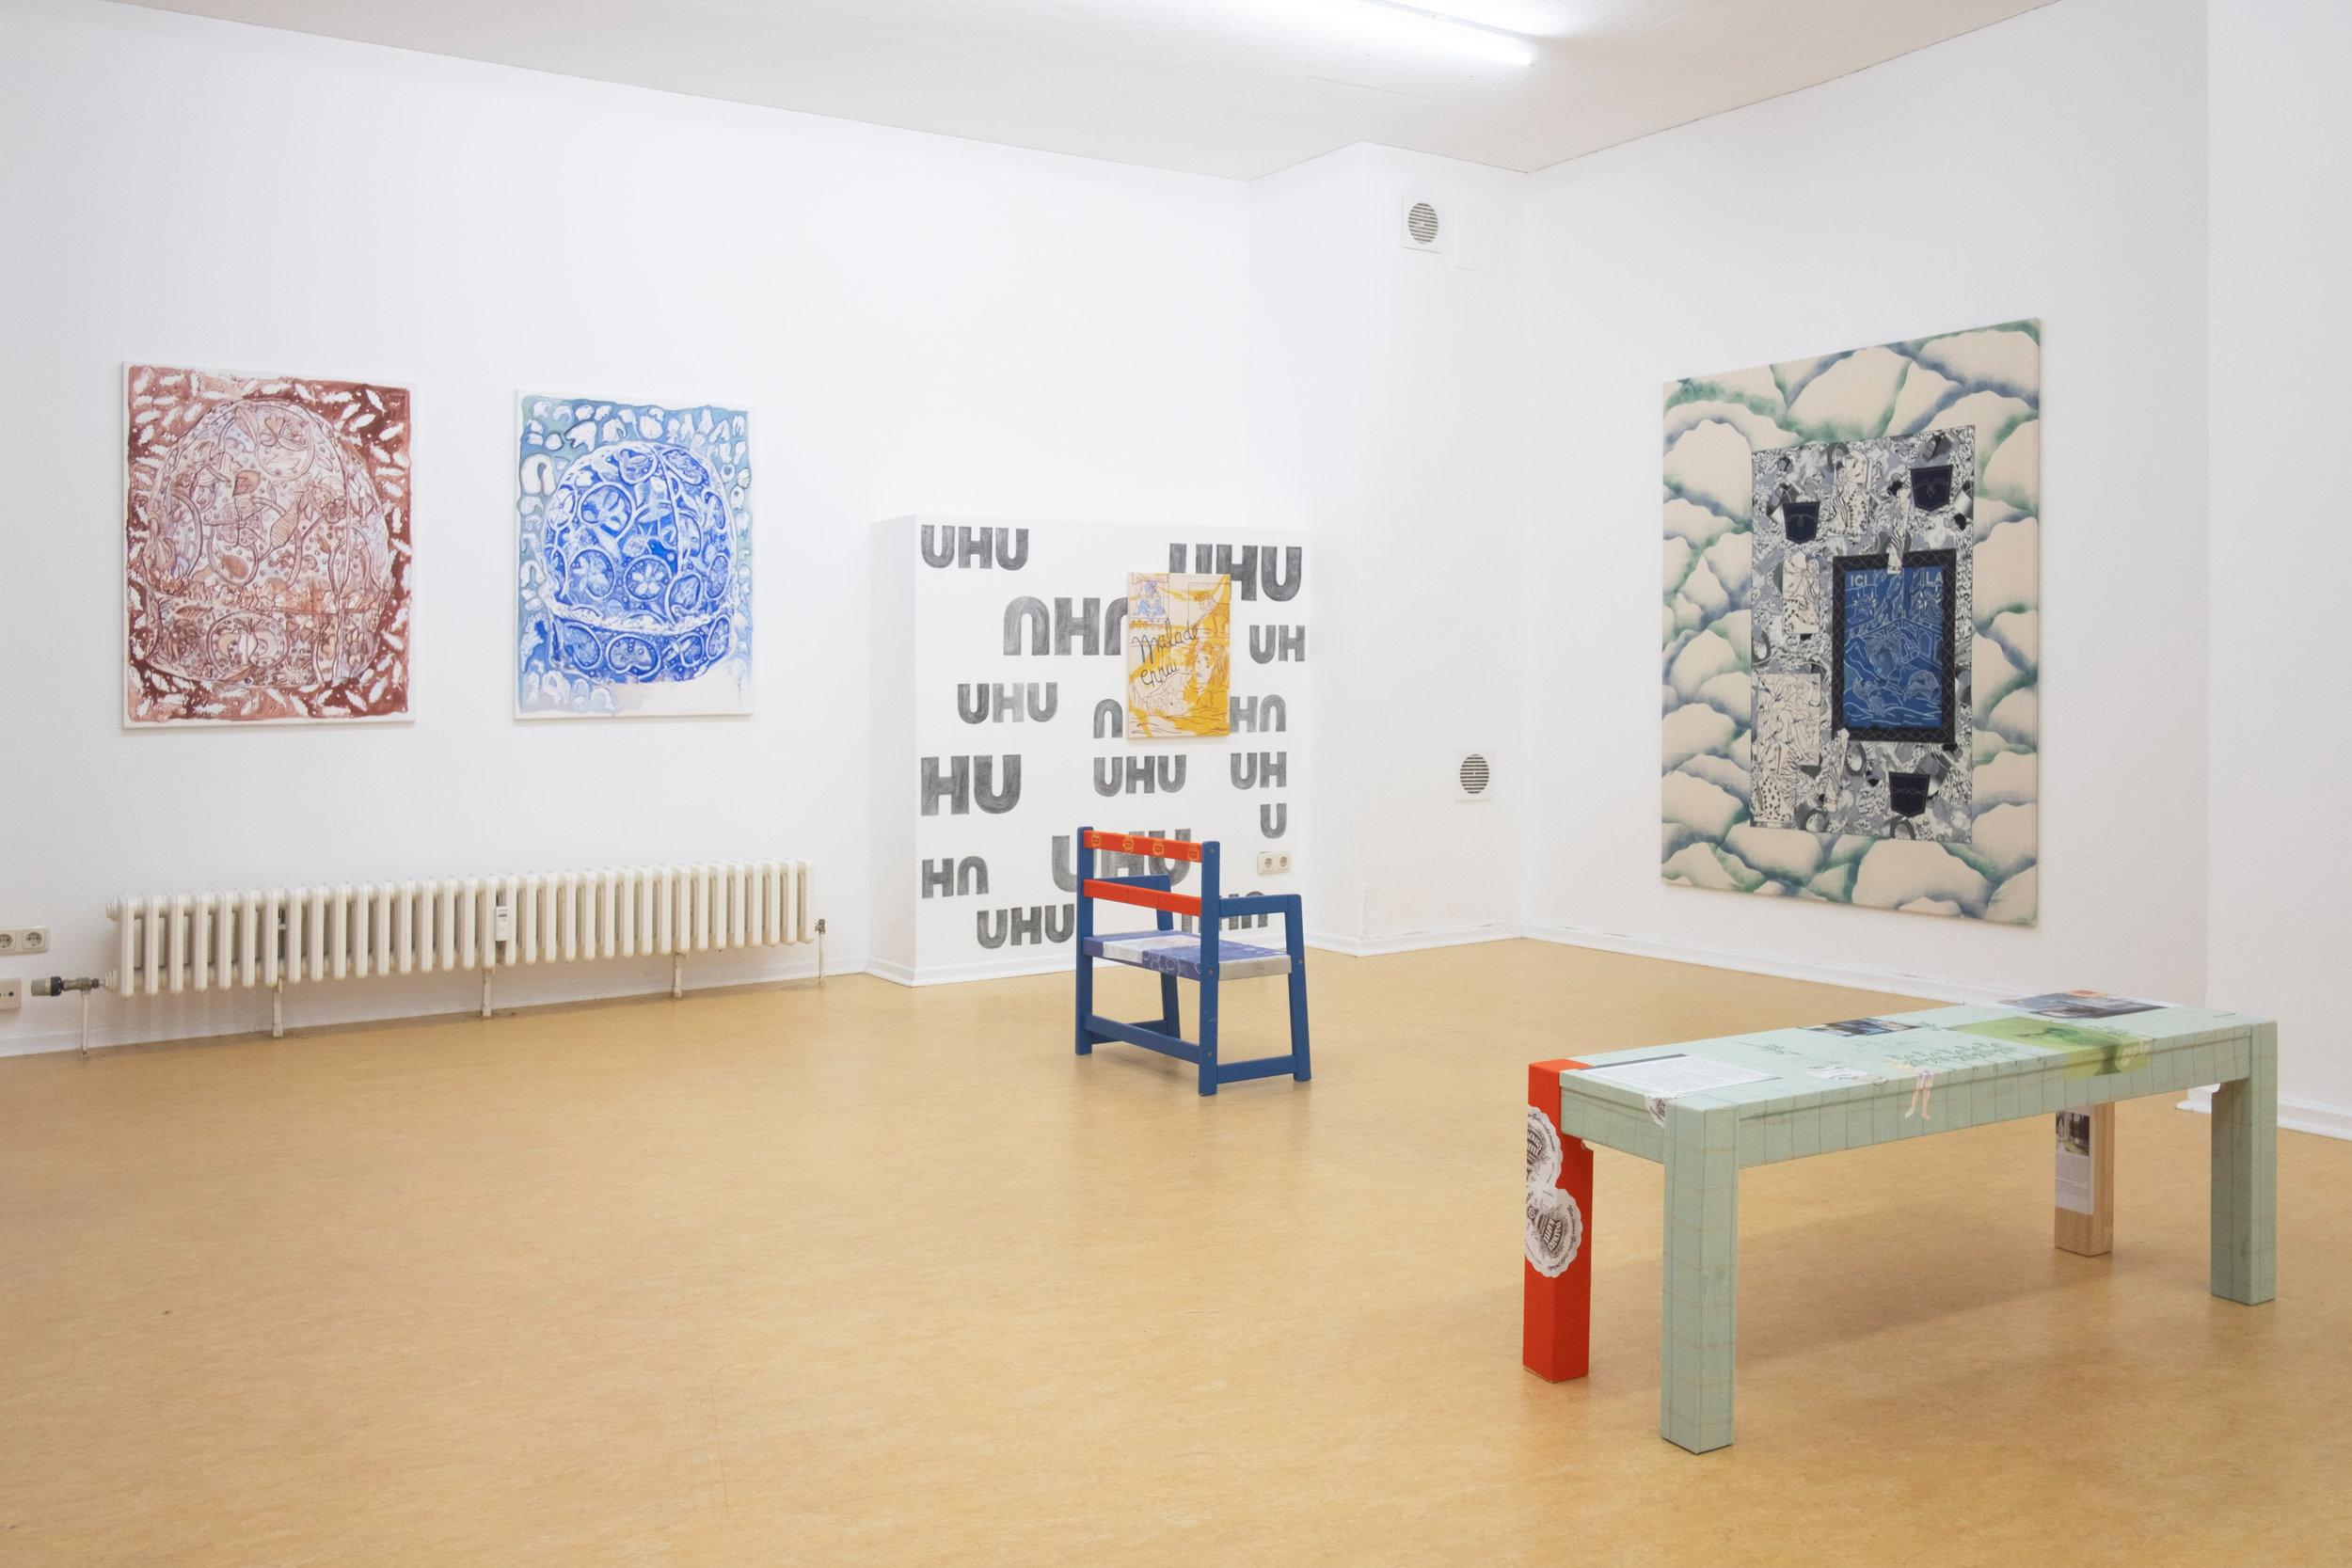 15_KM_Hand_seiner Zeit_2019_Installation_view.jpg